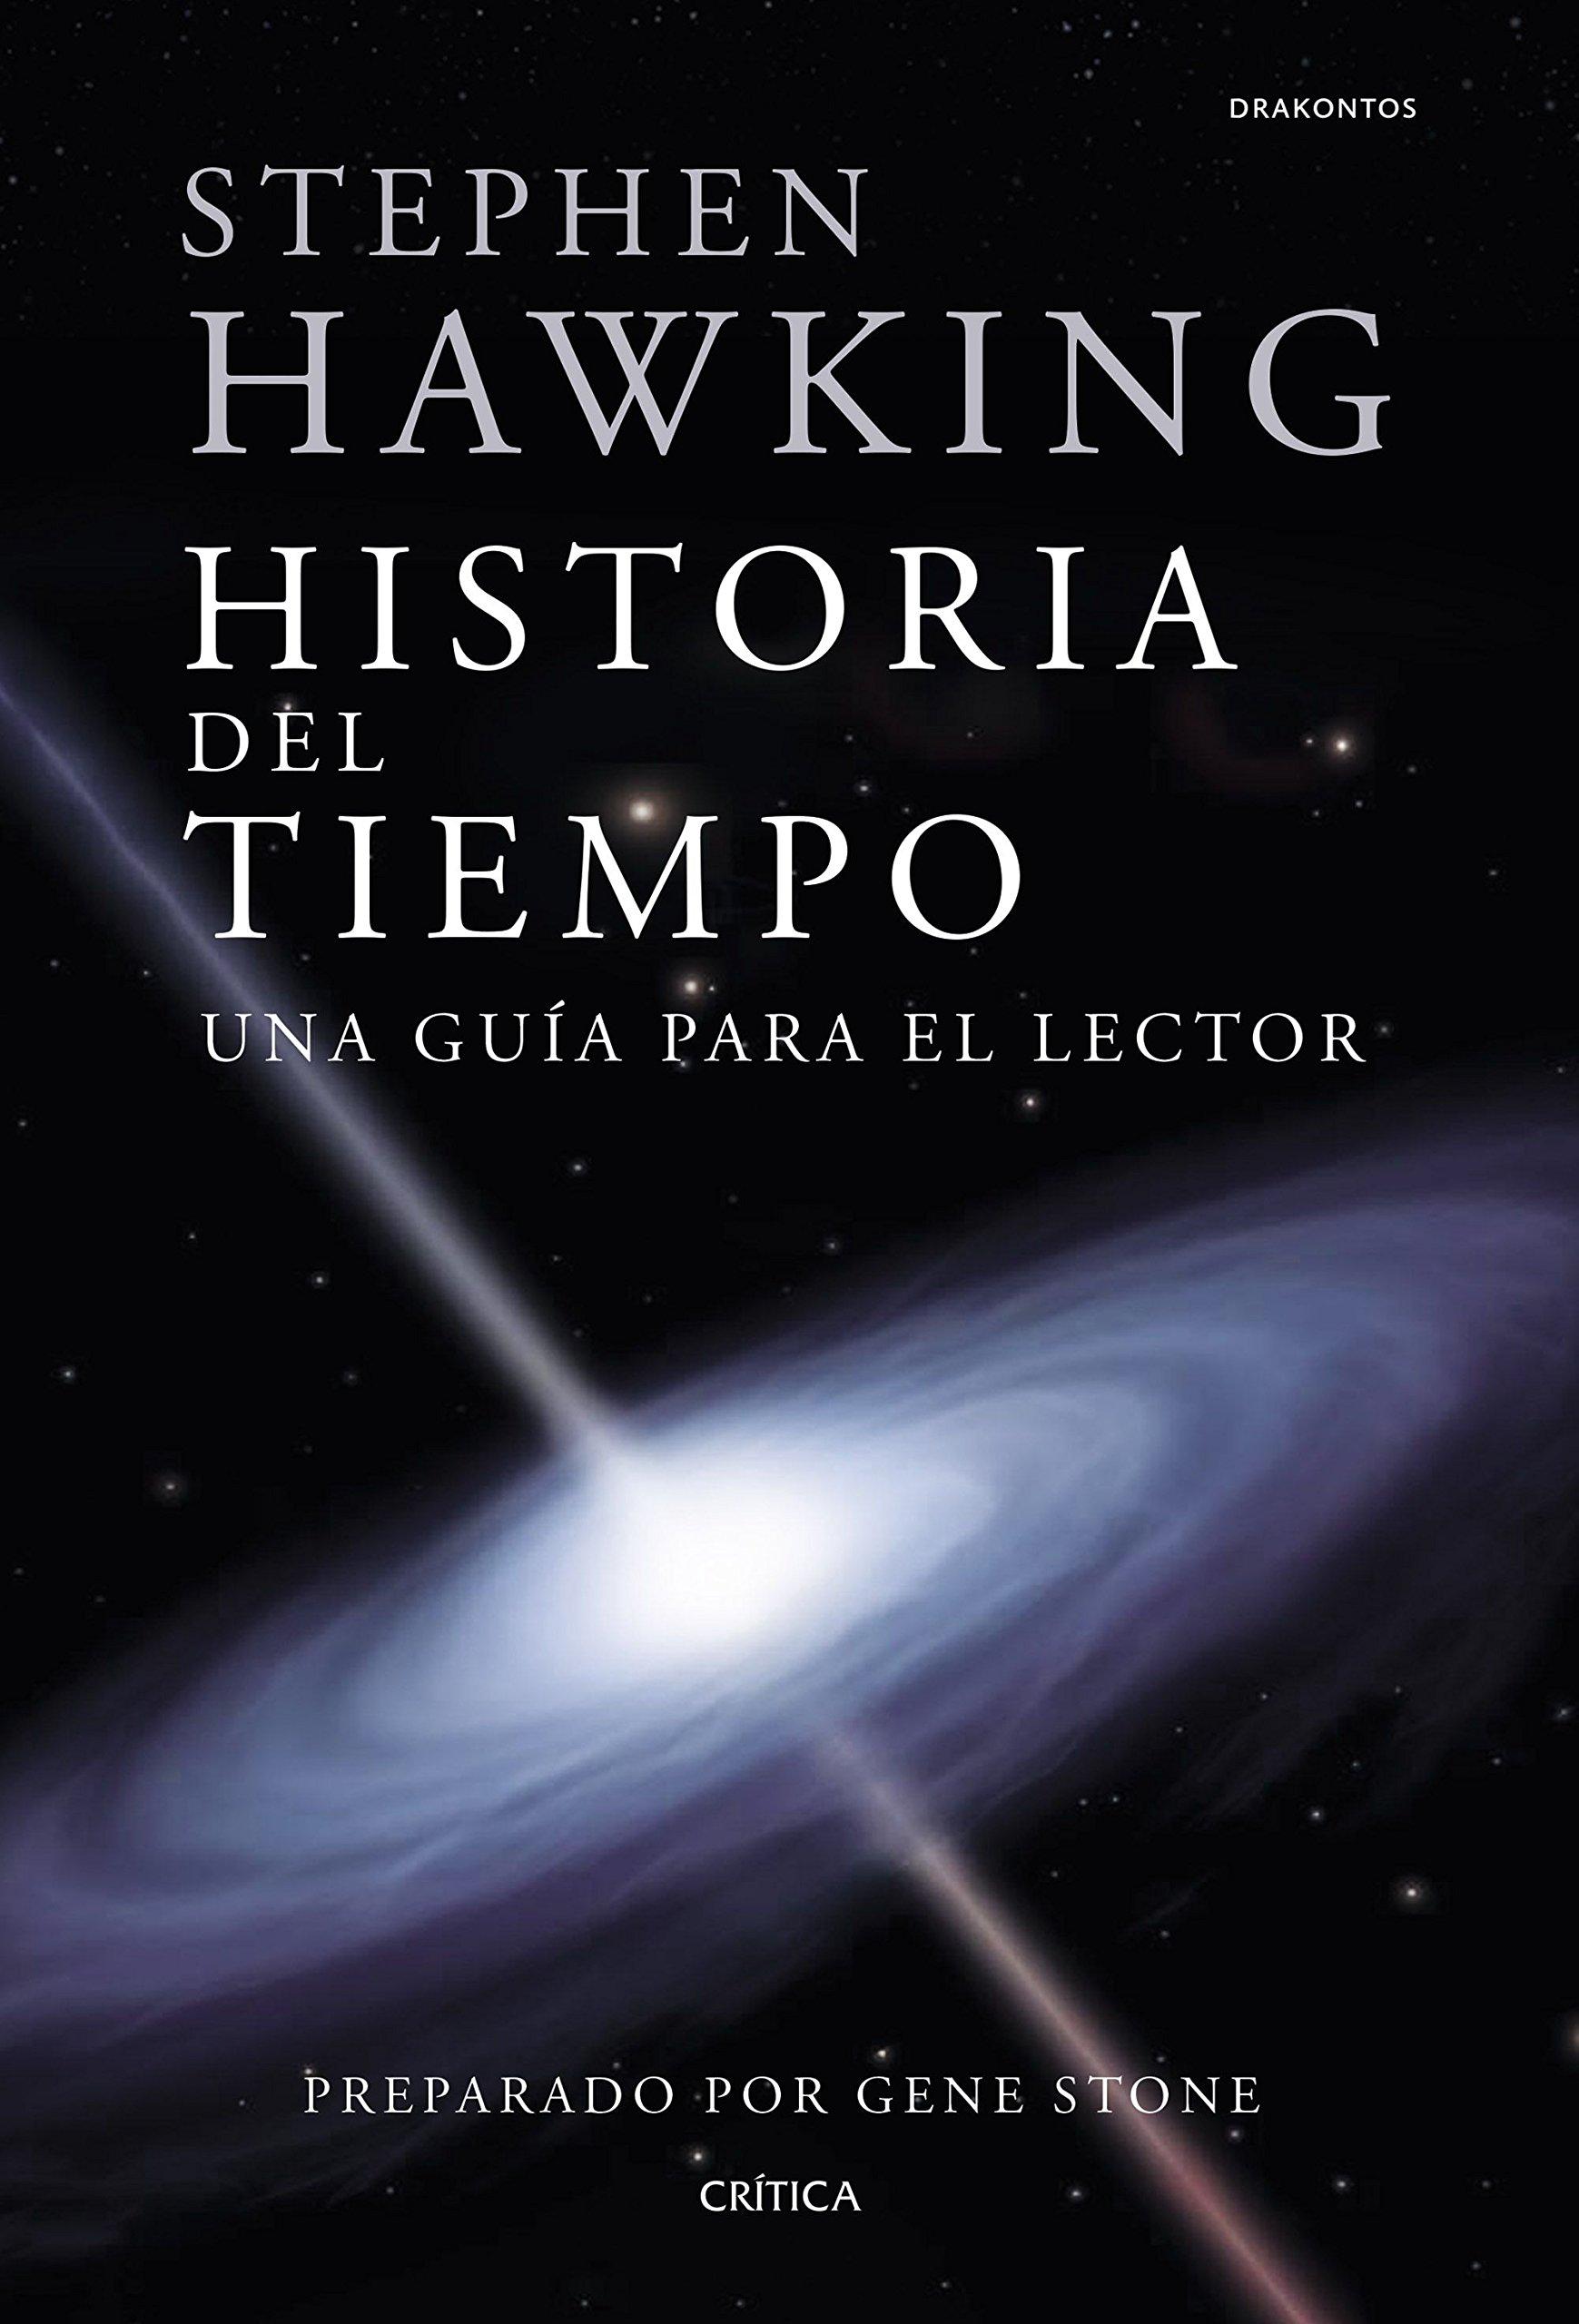 Stephen Hawking. Historia del tiempo: Una guía para el lector Drakontos: Amazon.es: Stone, Gene, Pineda, Eloy: Libros